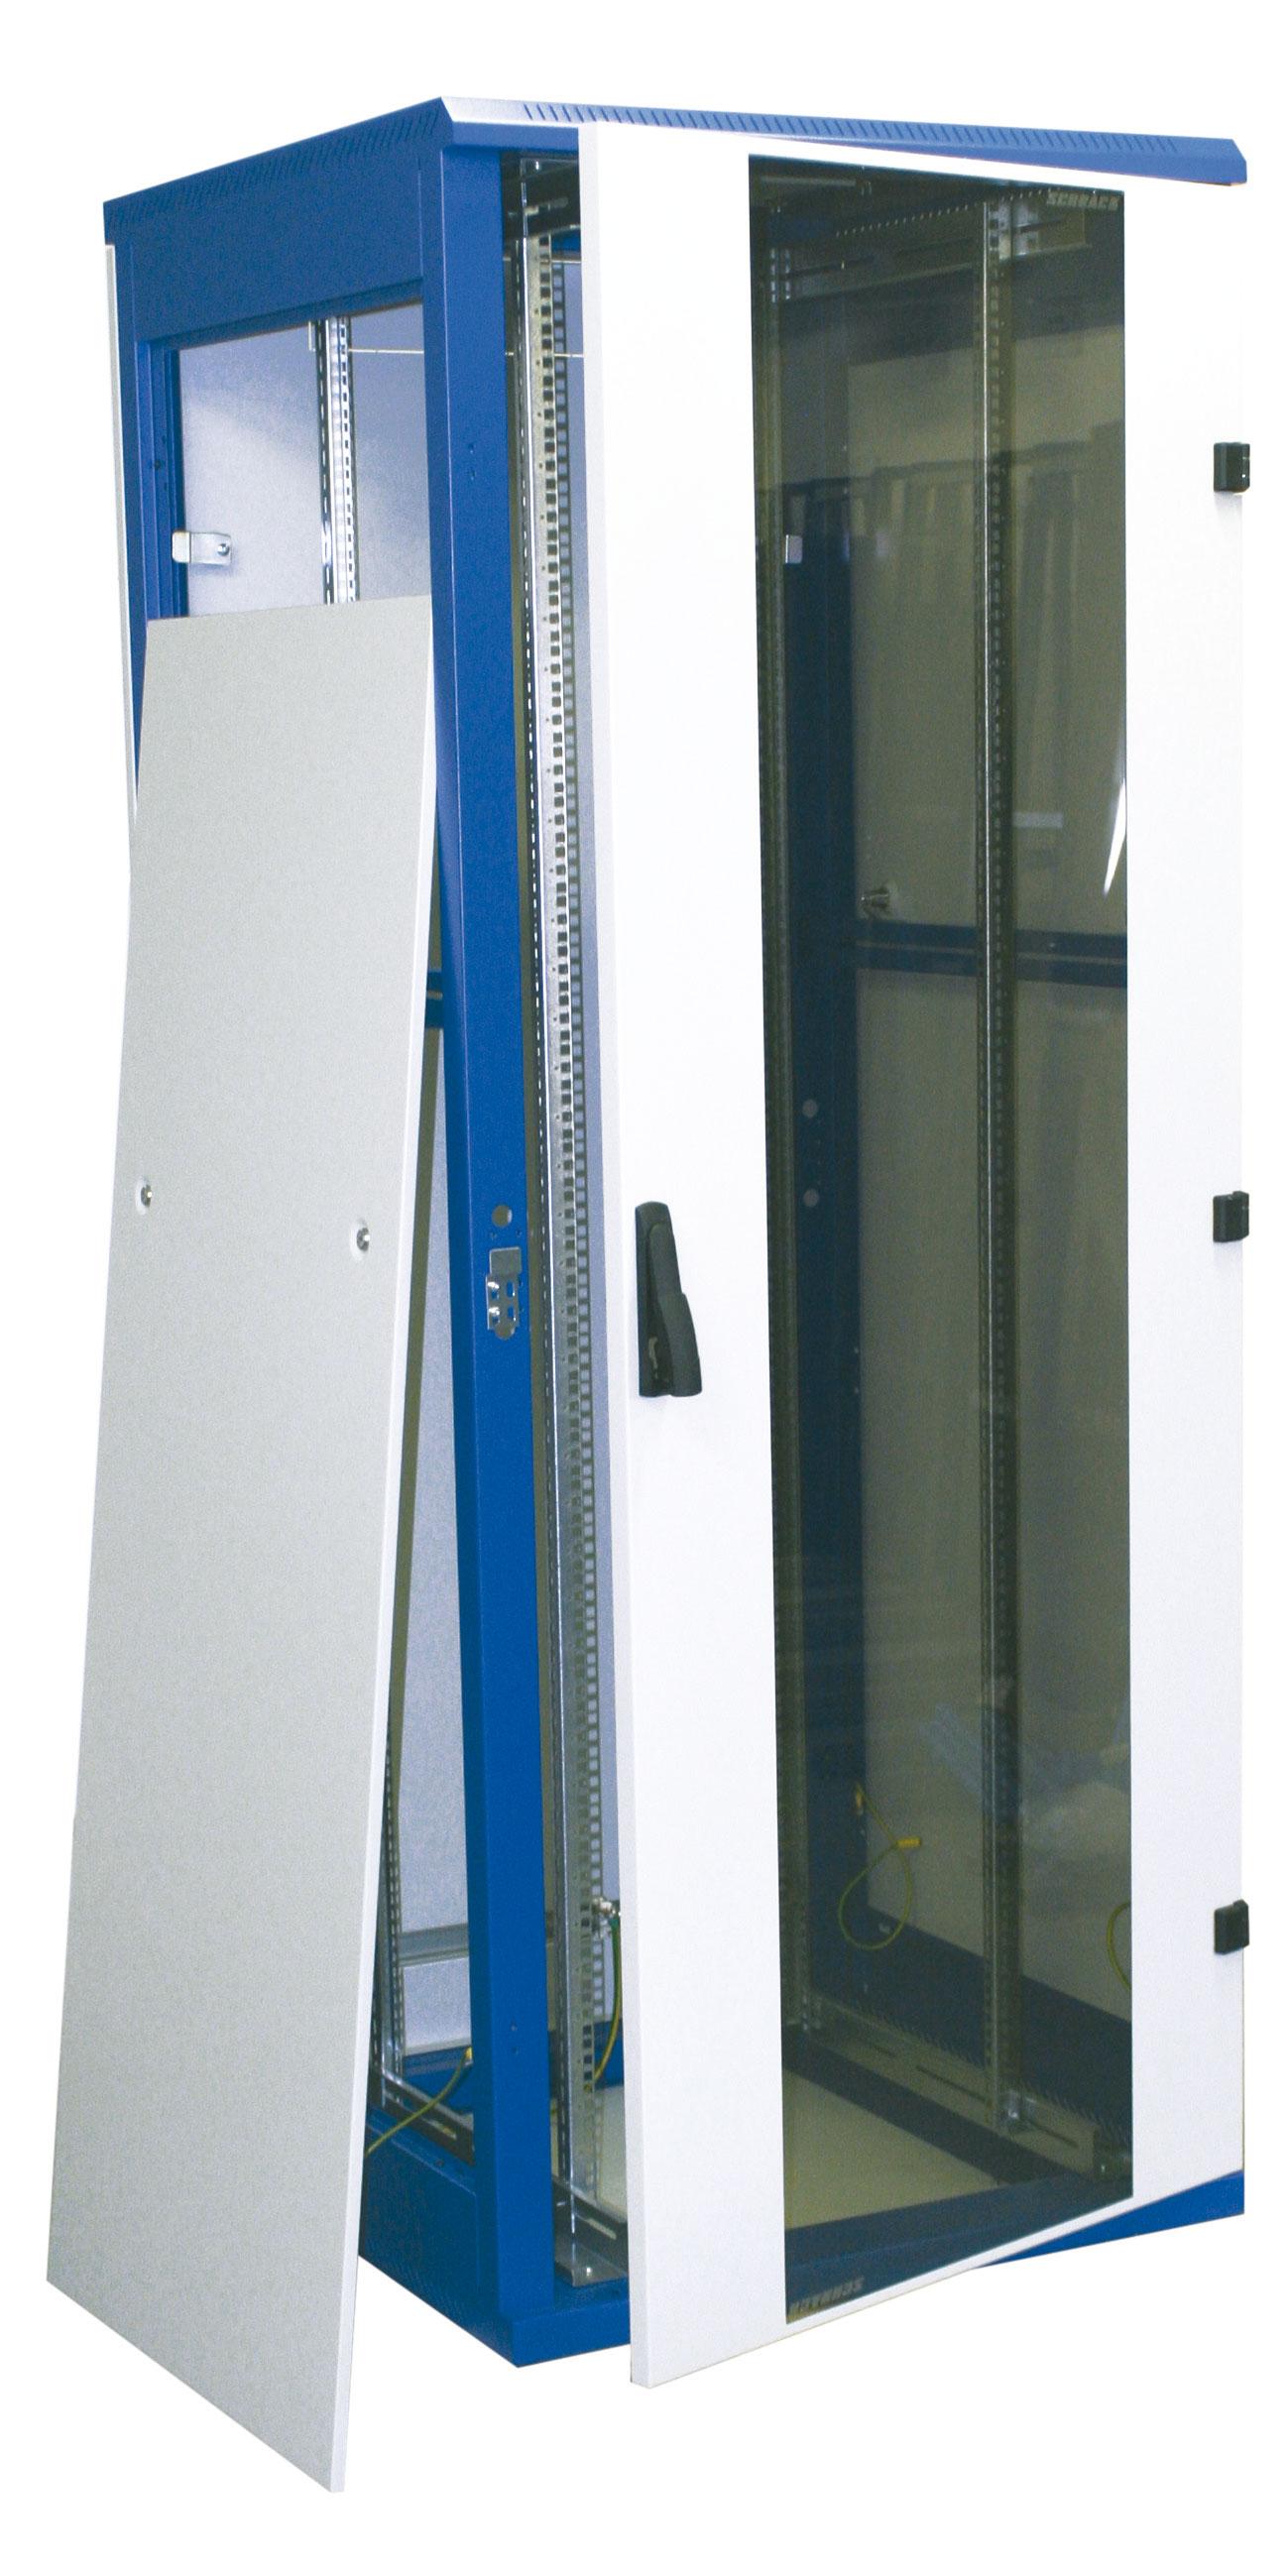 1 Stk Netzwerk-Standschrank DSZ,zerlegbar,B800xH2105xT1000,1945HE DSZ458010-